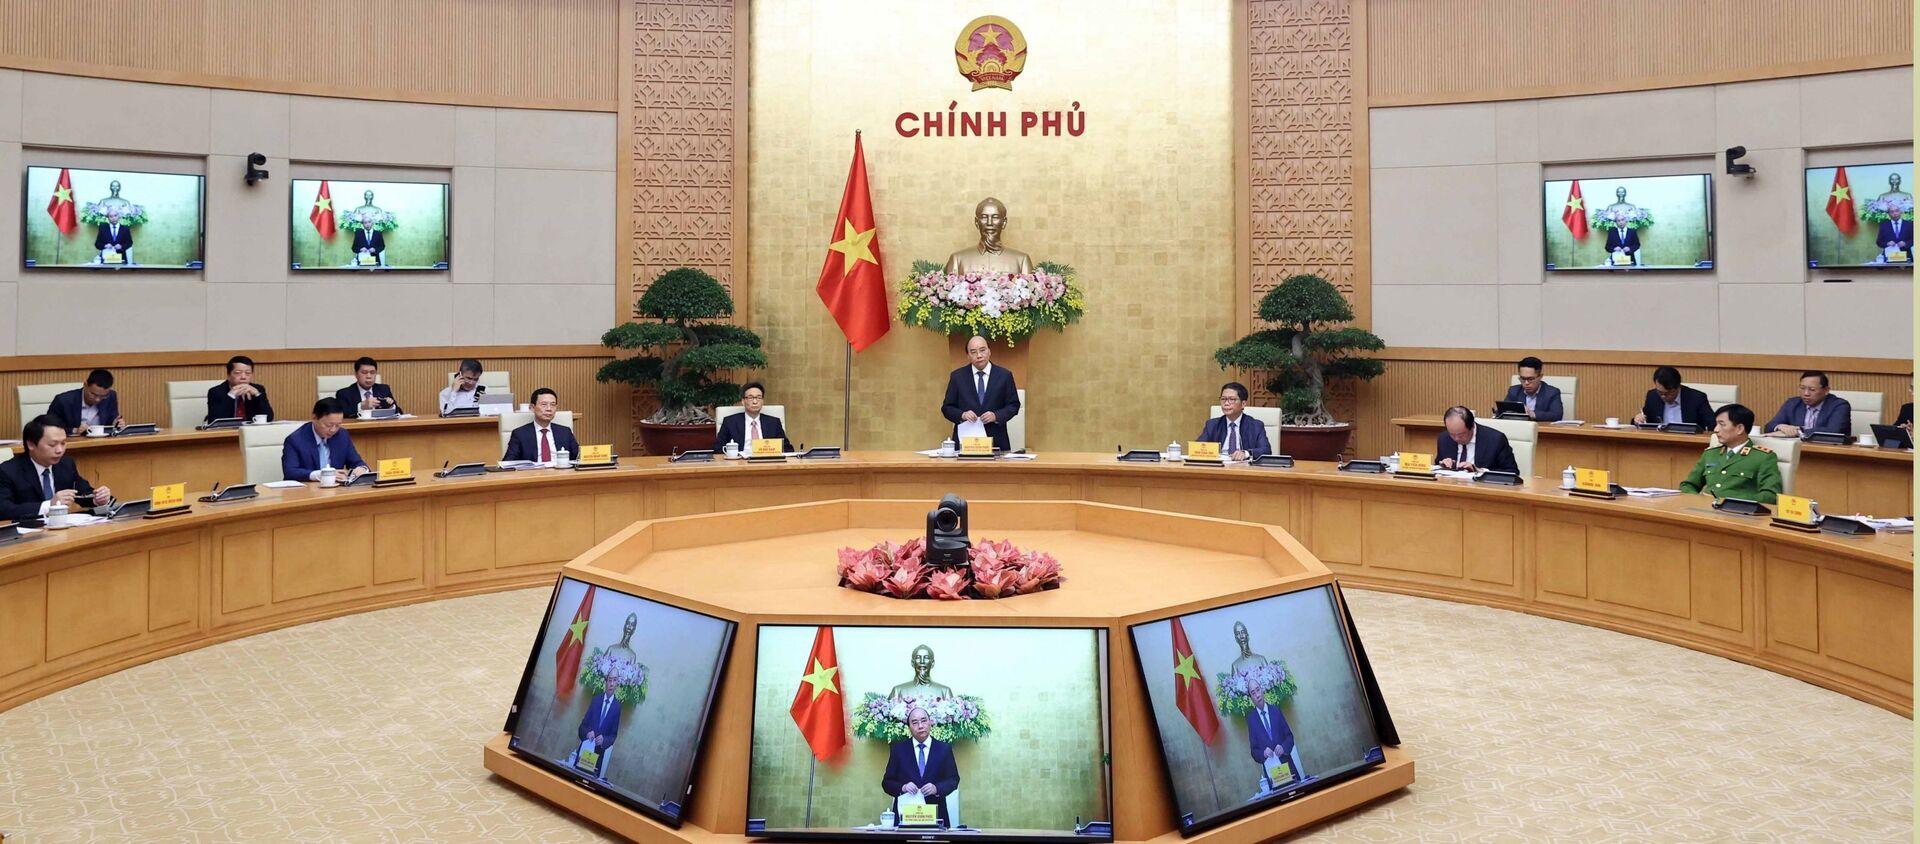 Thủ tướng Nguyễn Xuân Phúc, Chủ tịch Ủy ban quốc gia về Chính phủ điện tử phát biểu.  - Sputnik Việt Nam, 1920, 12.03.2021